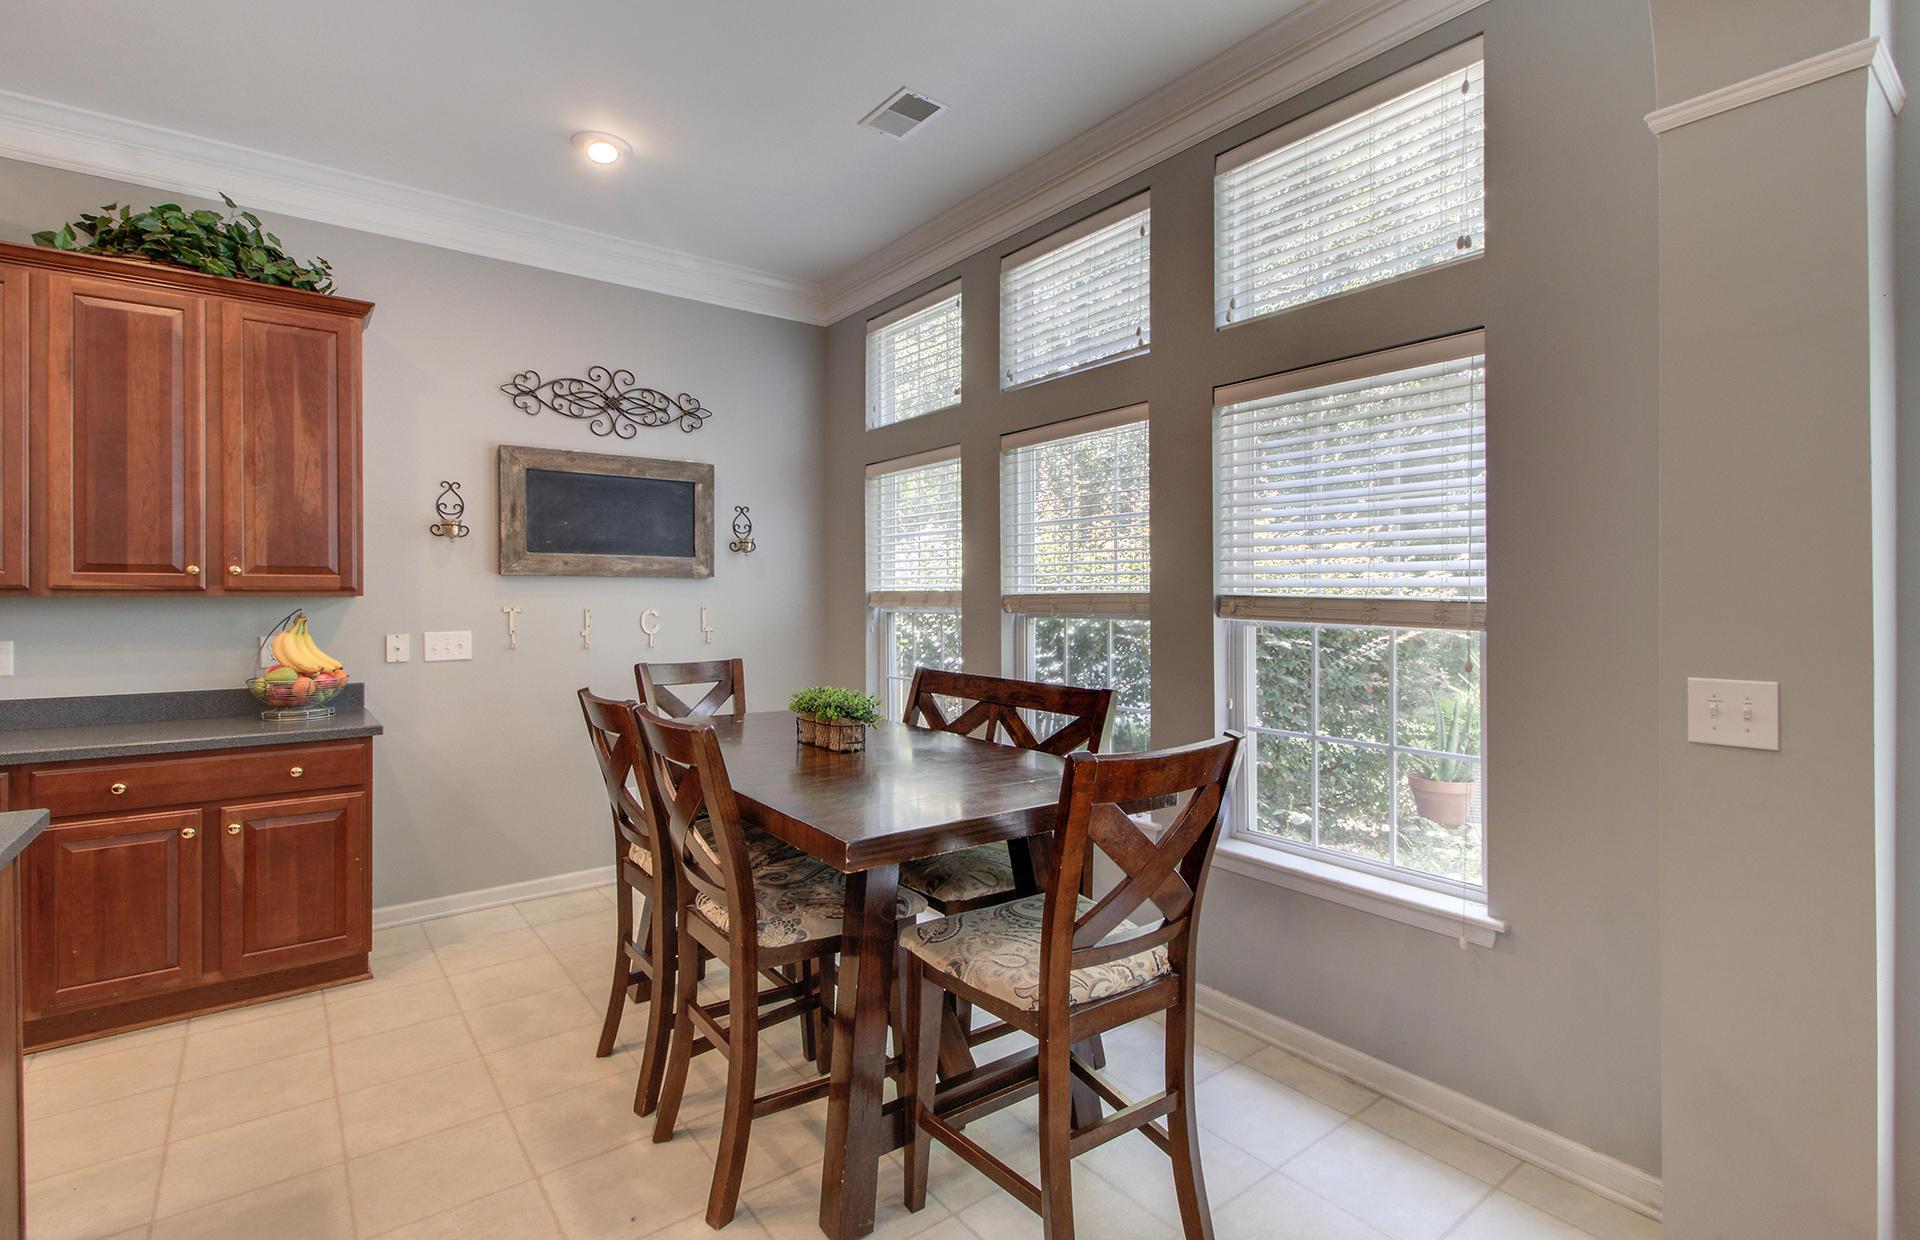 Park West Homes For Sale - 2500 Draymohr, Mount Pleasant, SC - 28